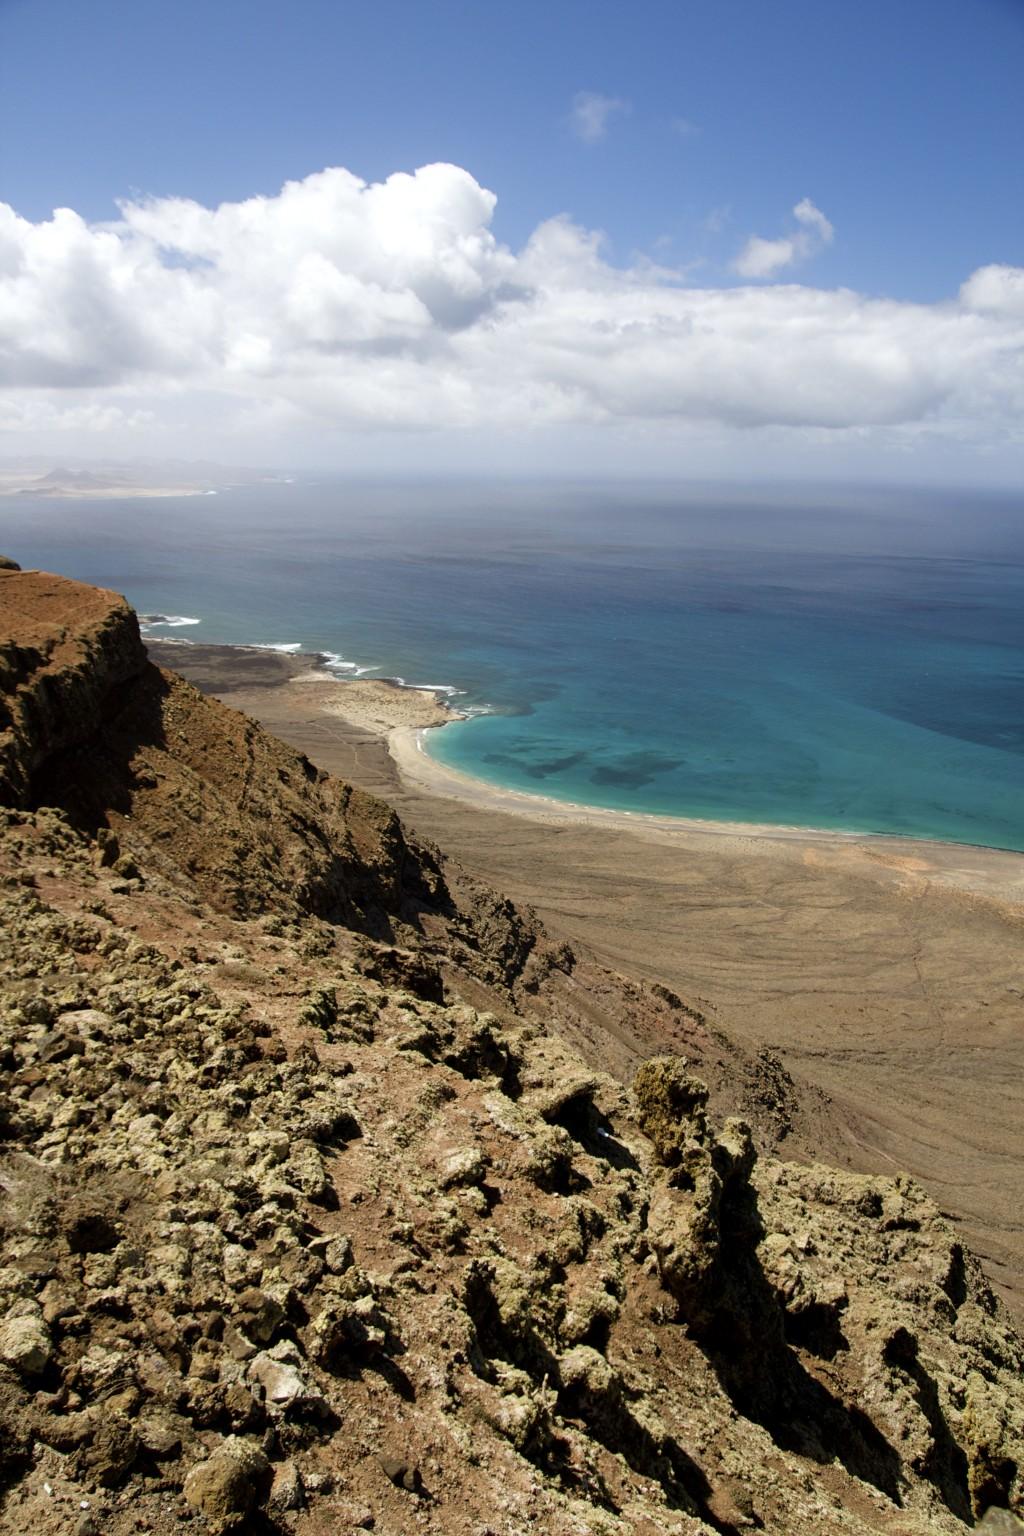 Mirador del rio blog mode voyage upupup.fr Lanzarote 2